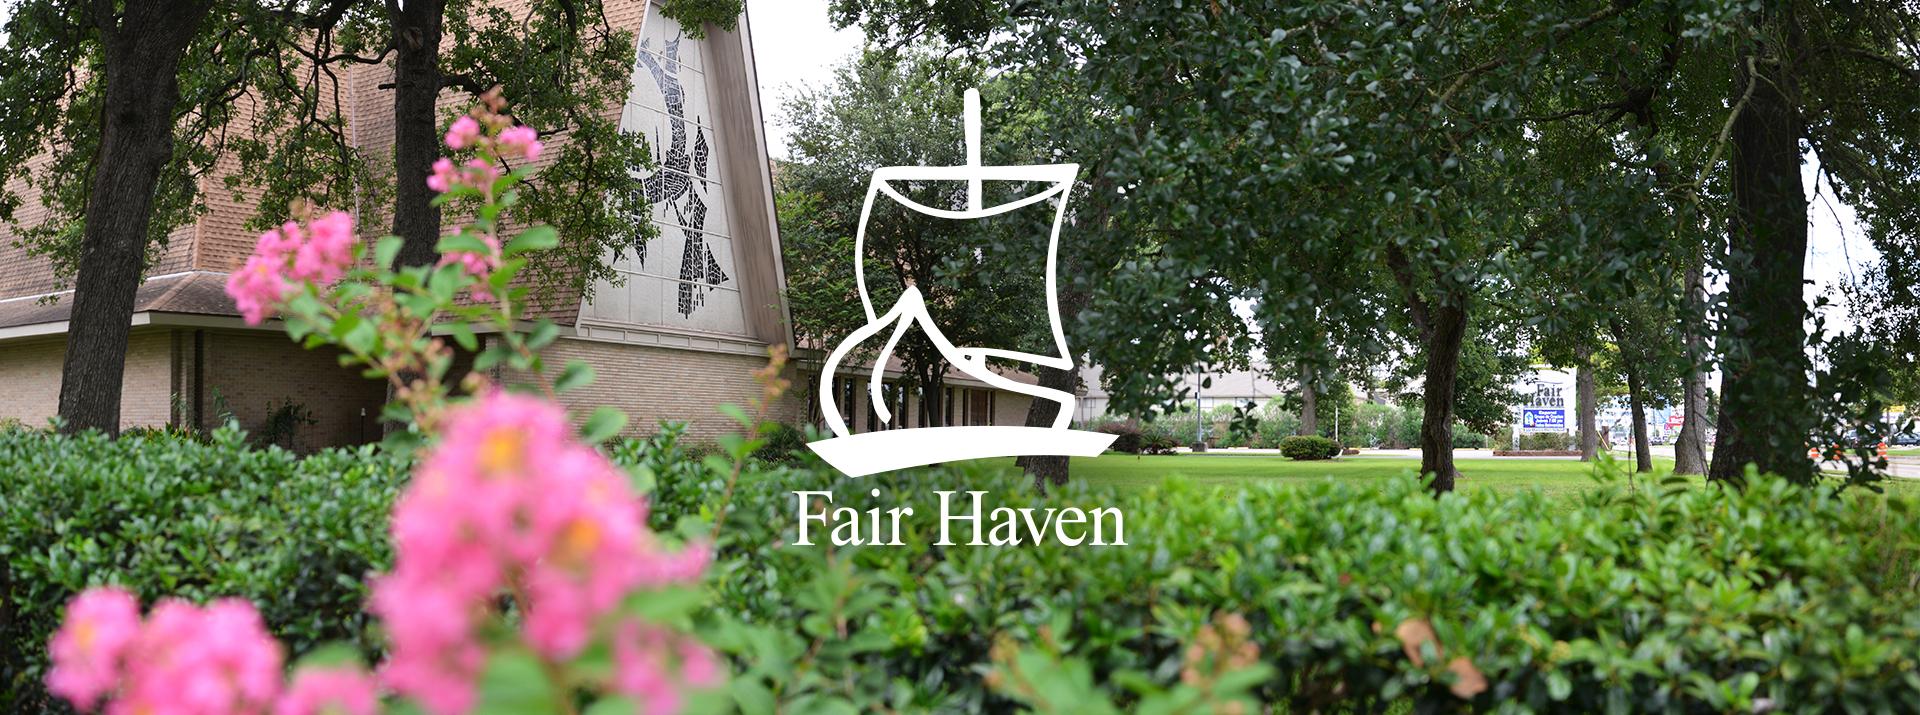 Fair Haven Main Header